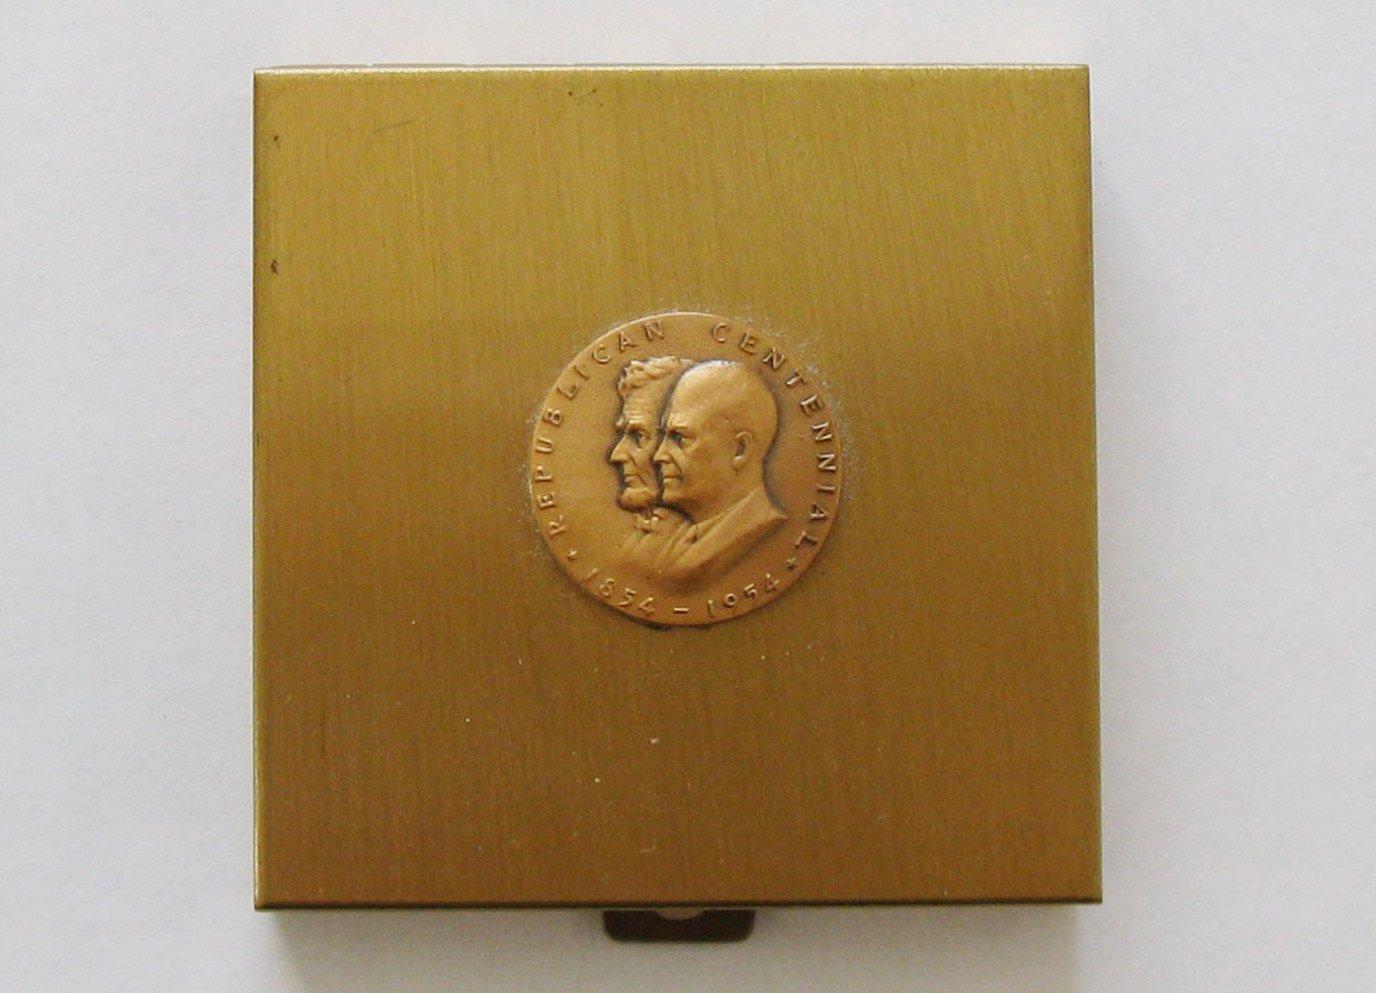 Presidential compact: Republican Centennial